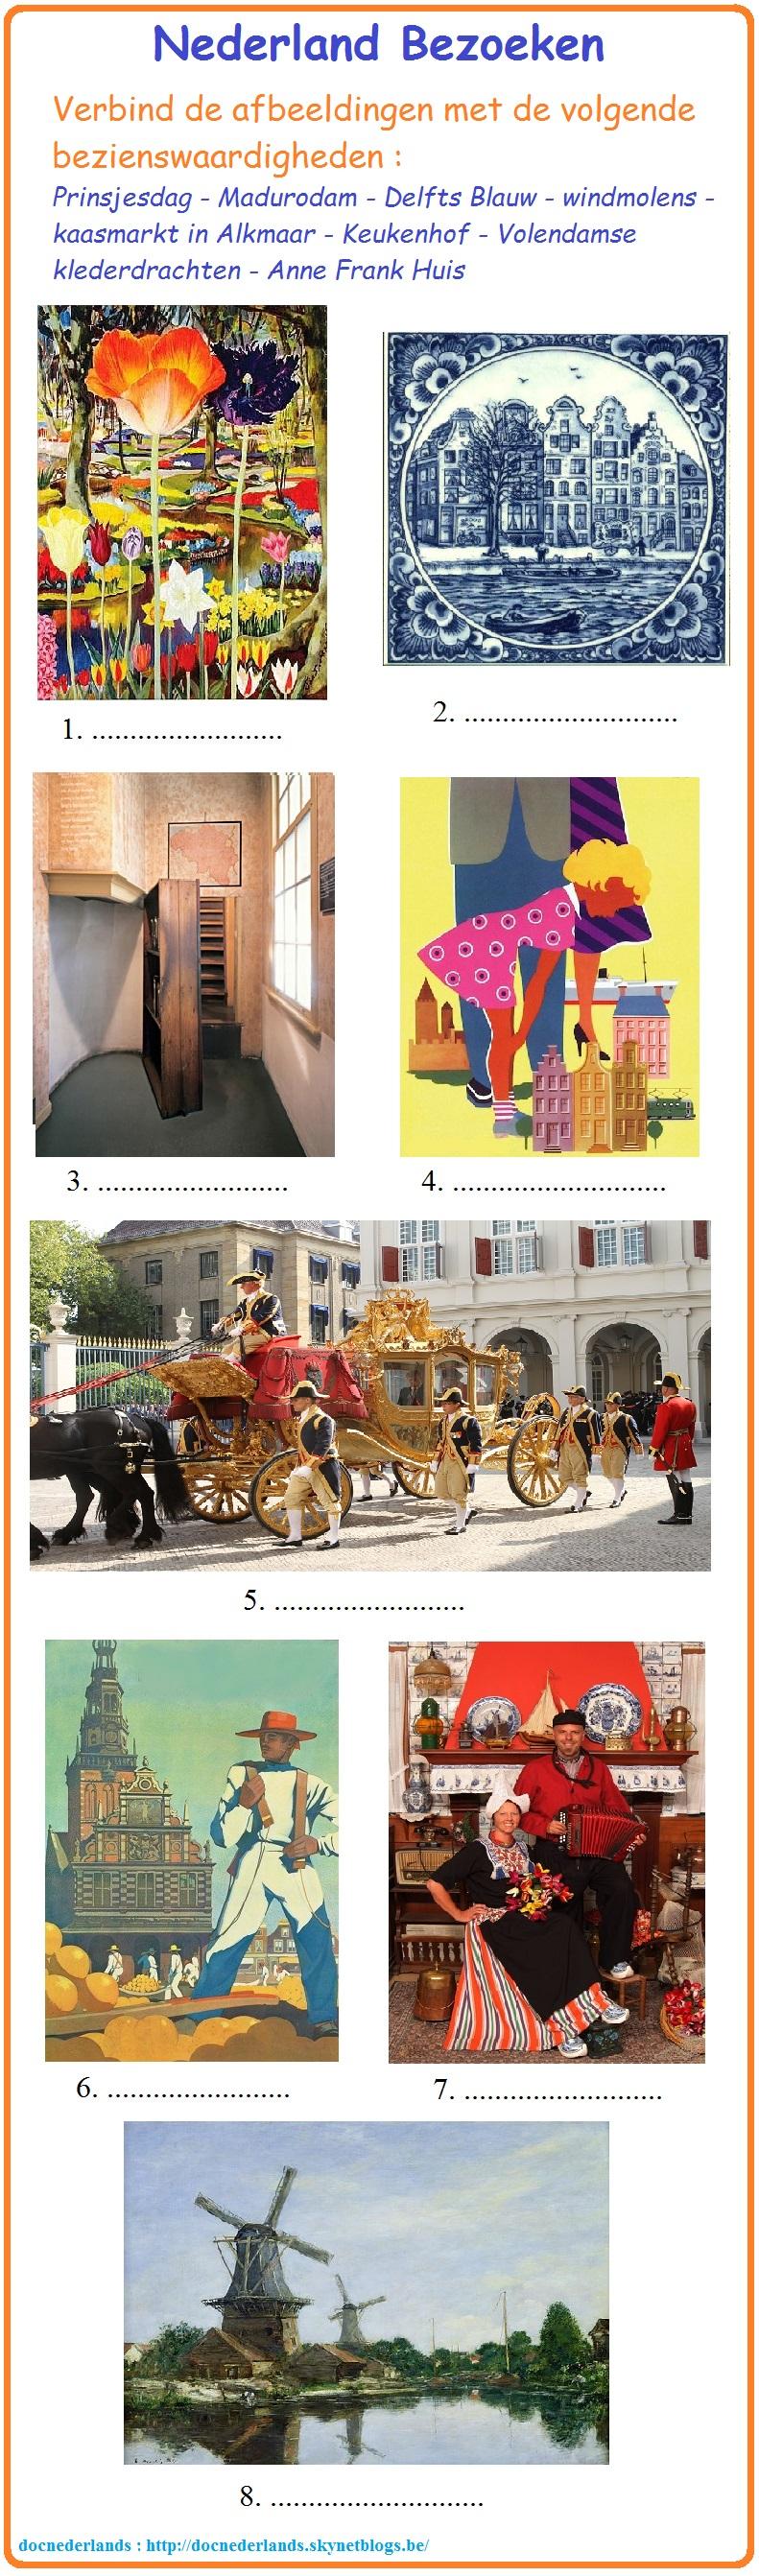 Combineeroefening : afbeeldingen en  bezienswaardigheden / Exercice d'appariement : illustrations et curiosités